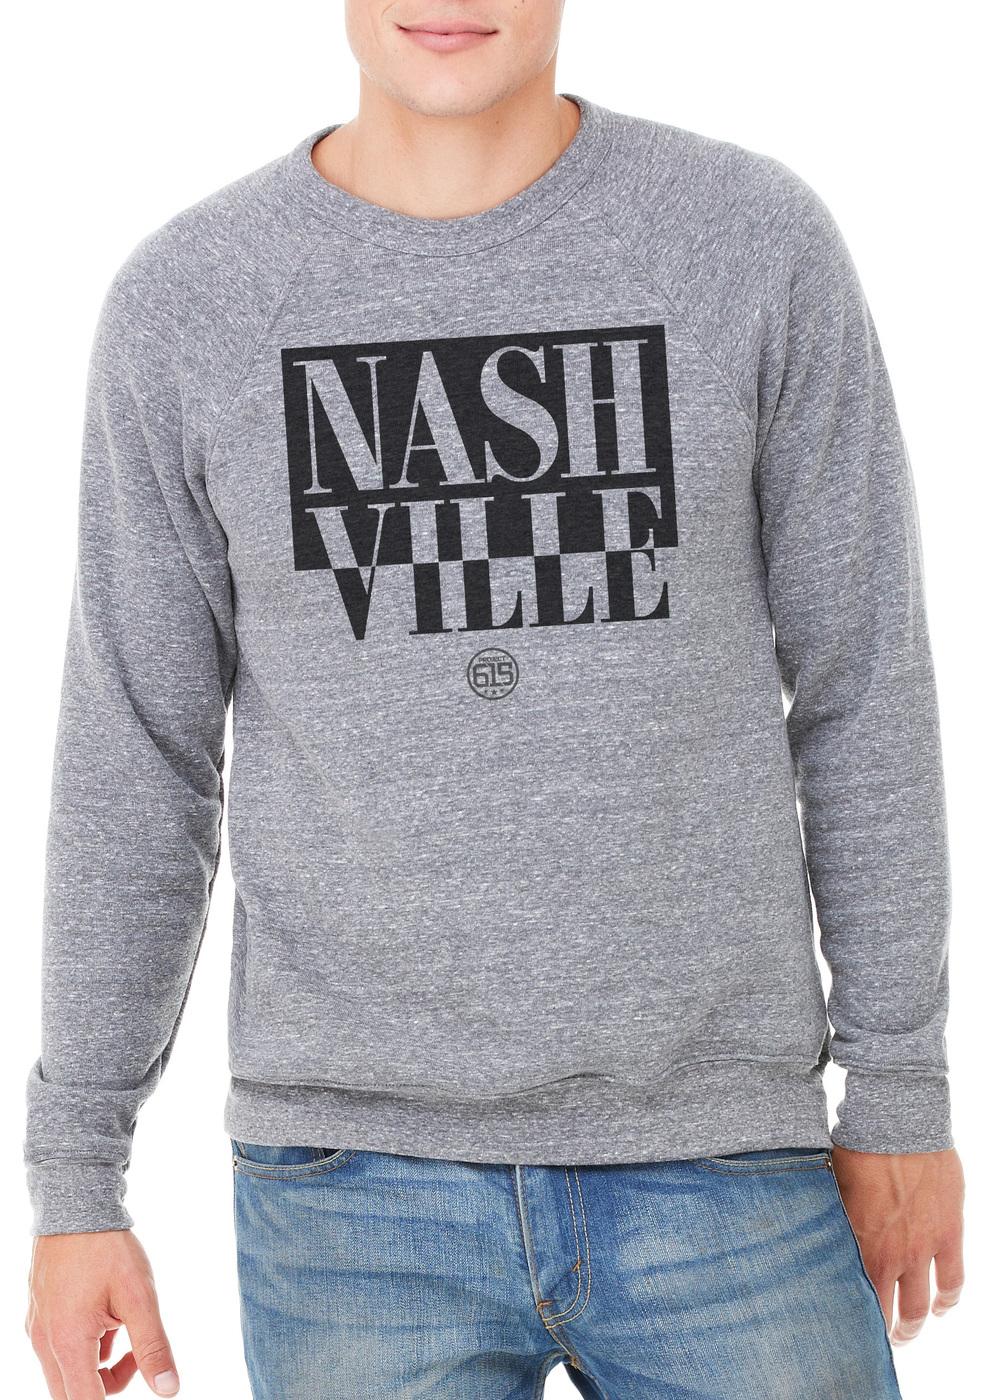 2015-P615-Nashville-Vogue-crew-mens.jpg